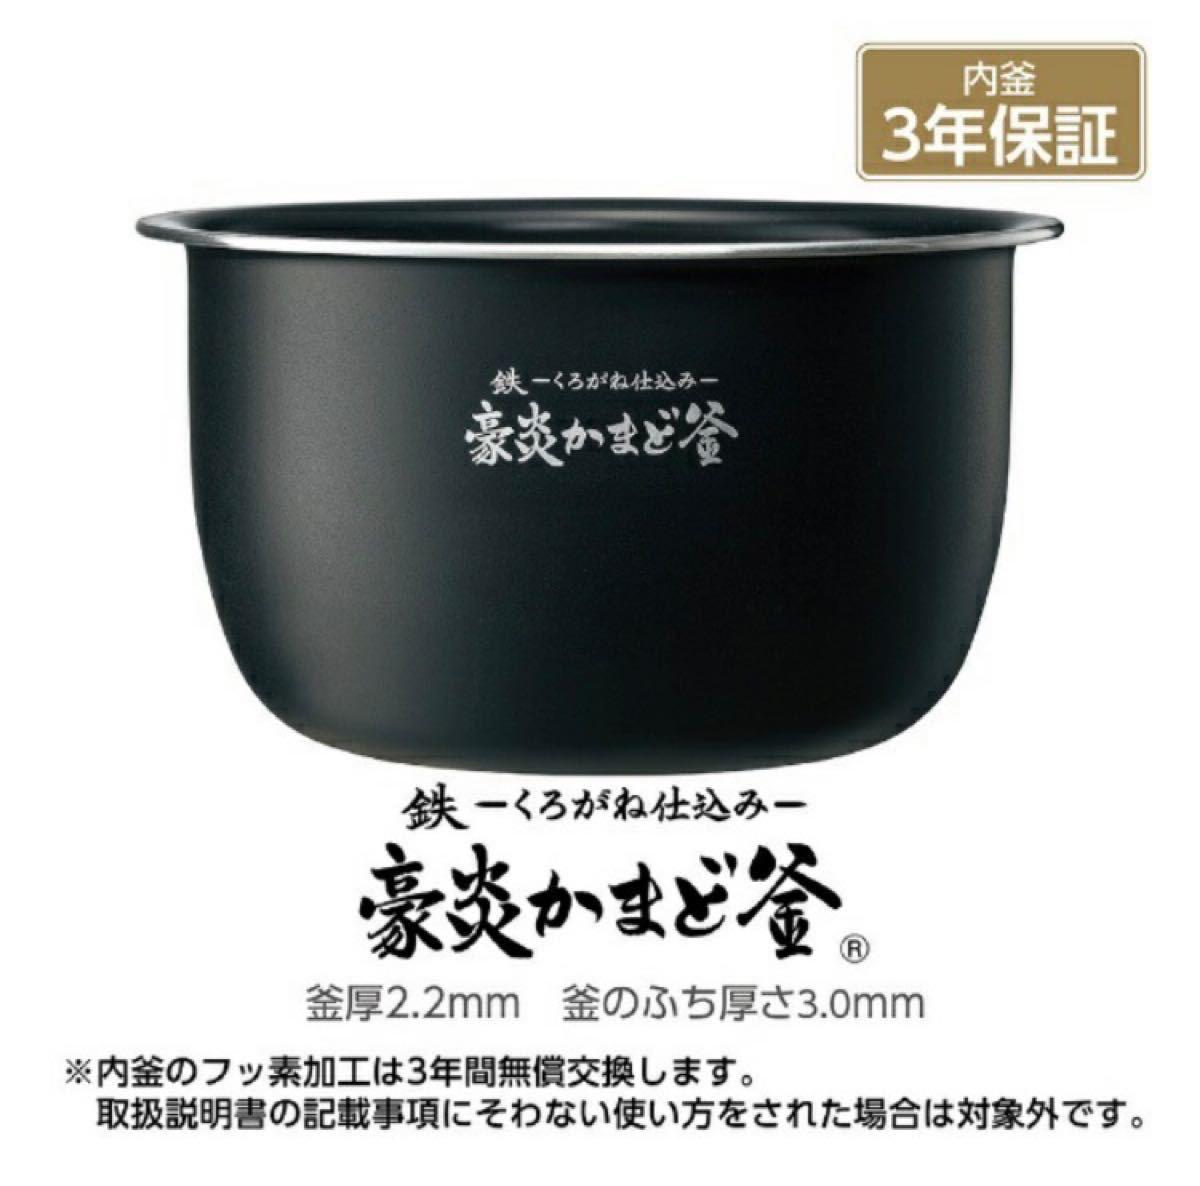 象印 NW-PS10-BZ 圧力IH炊飯ジャー炎舞炊き5.5合炊き